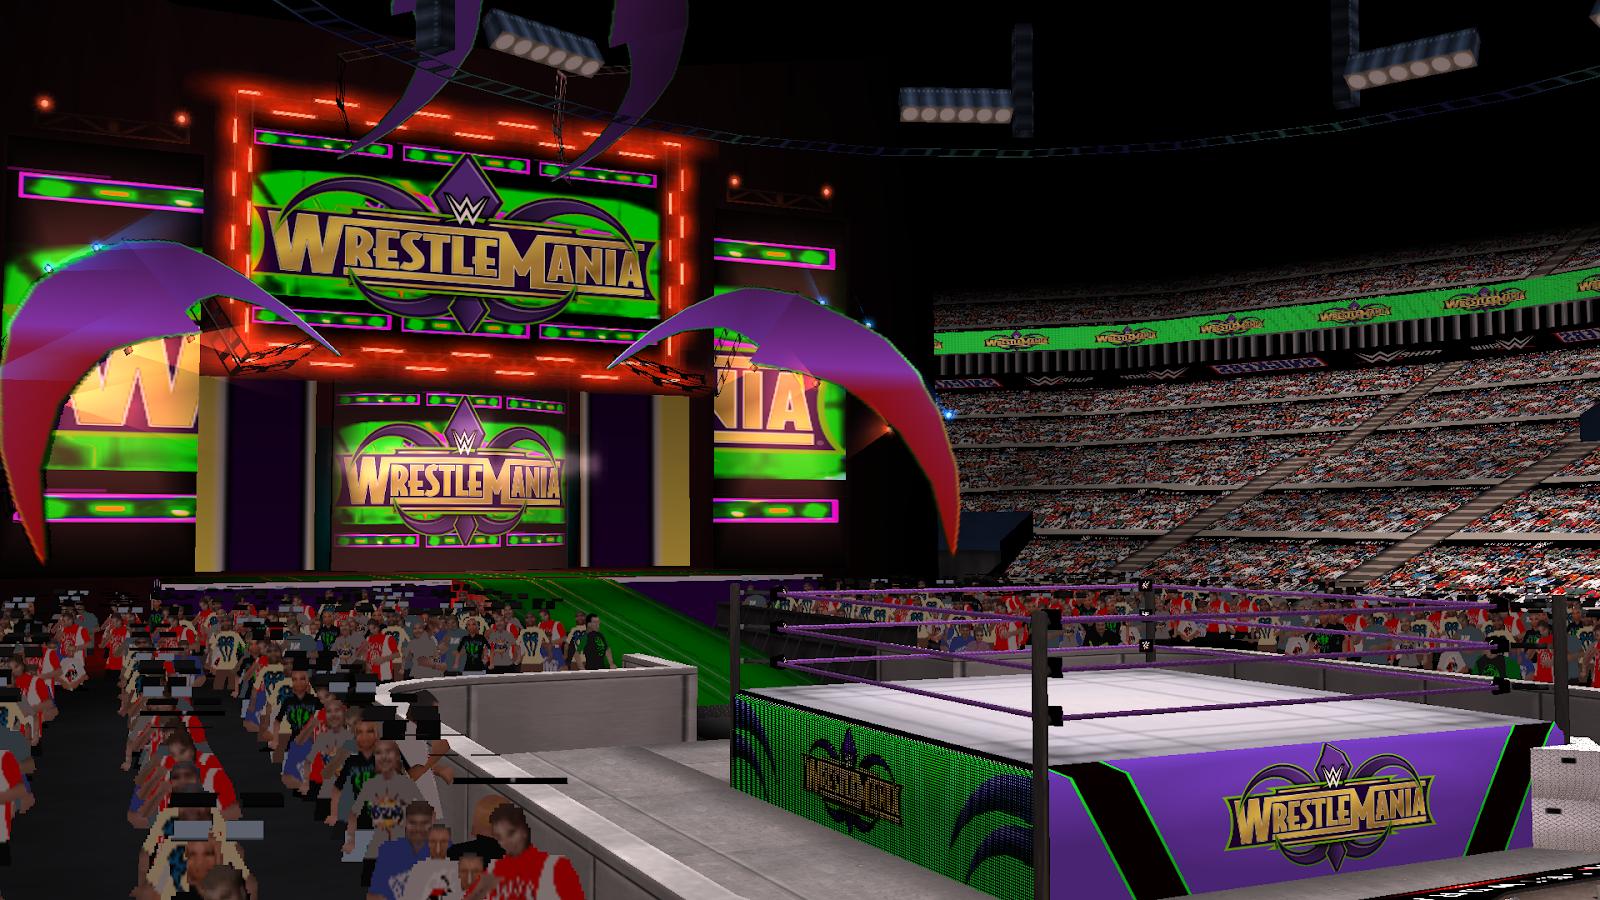 Update V 1 for WWE 2K18 patch of svr 2k11